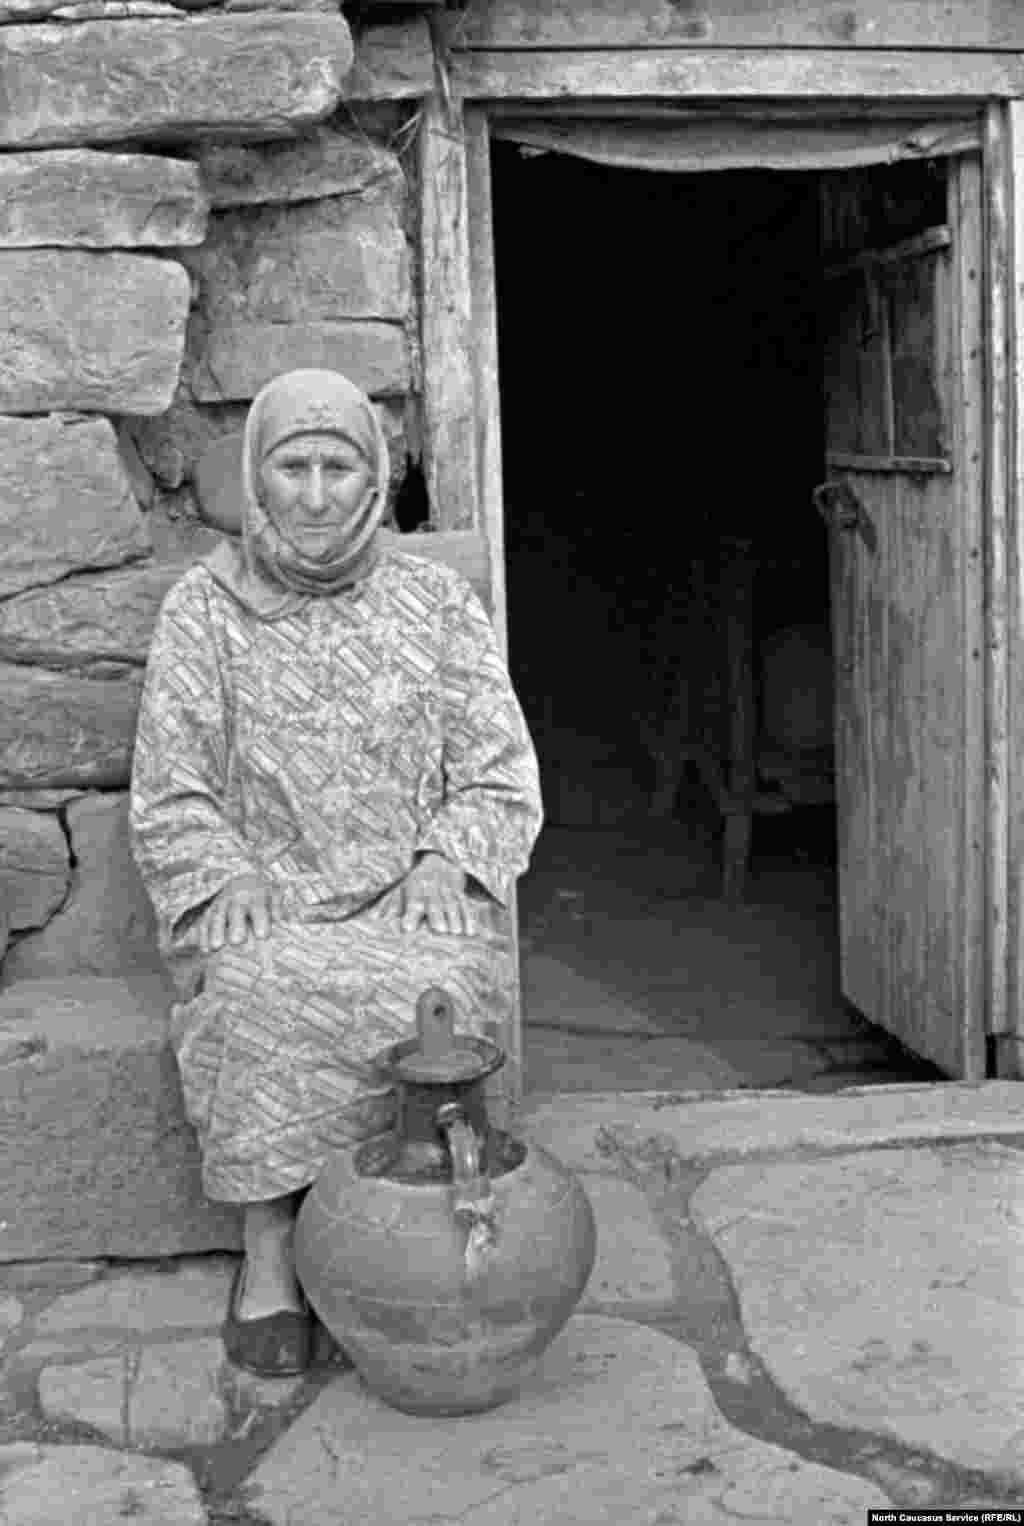 Пожилая женщина с кувшином в селе Итум-Кали (Аргунское ущелье).